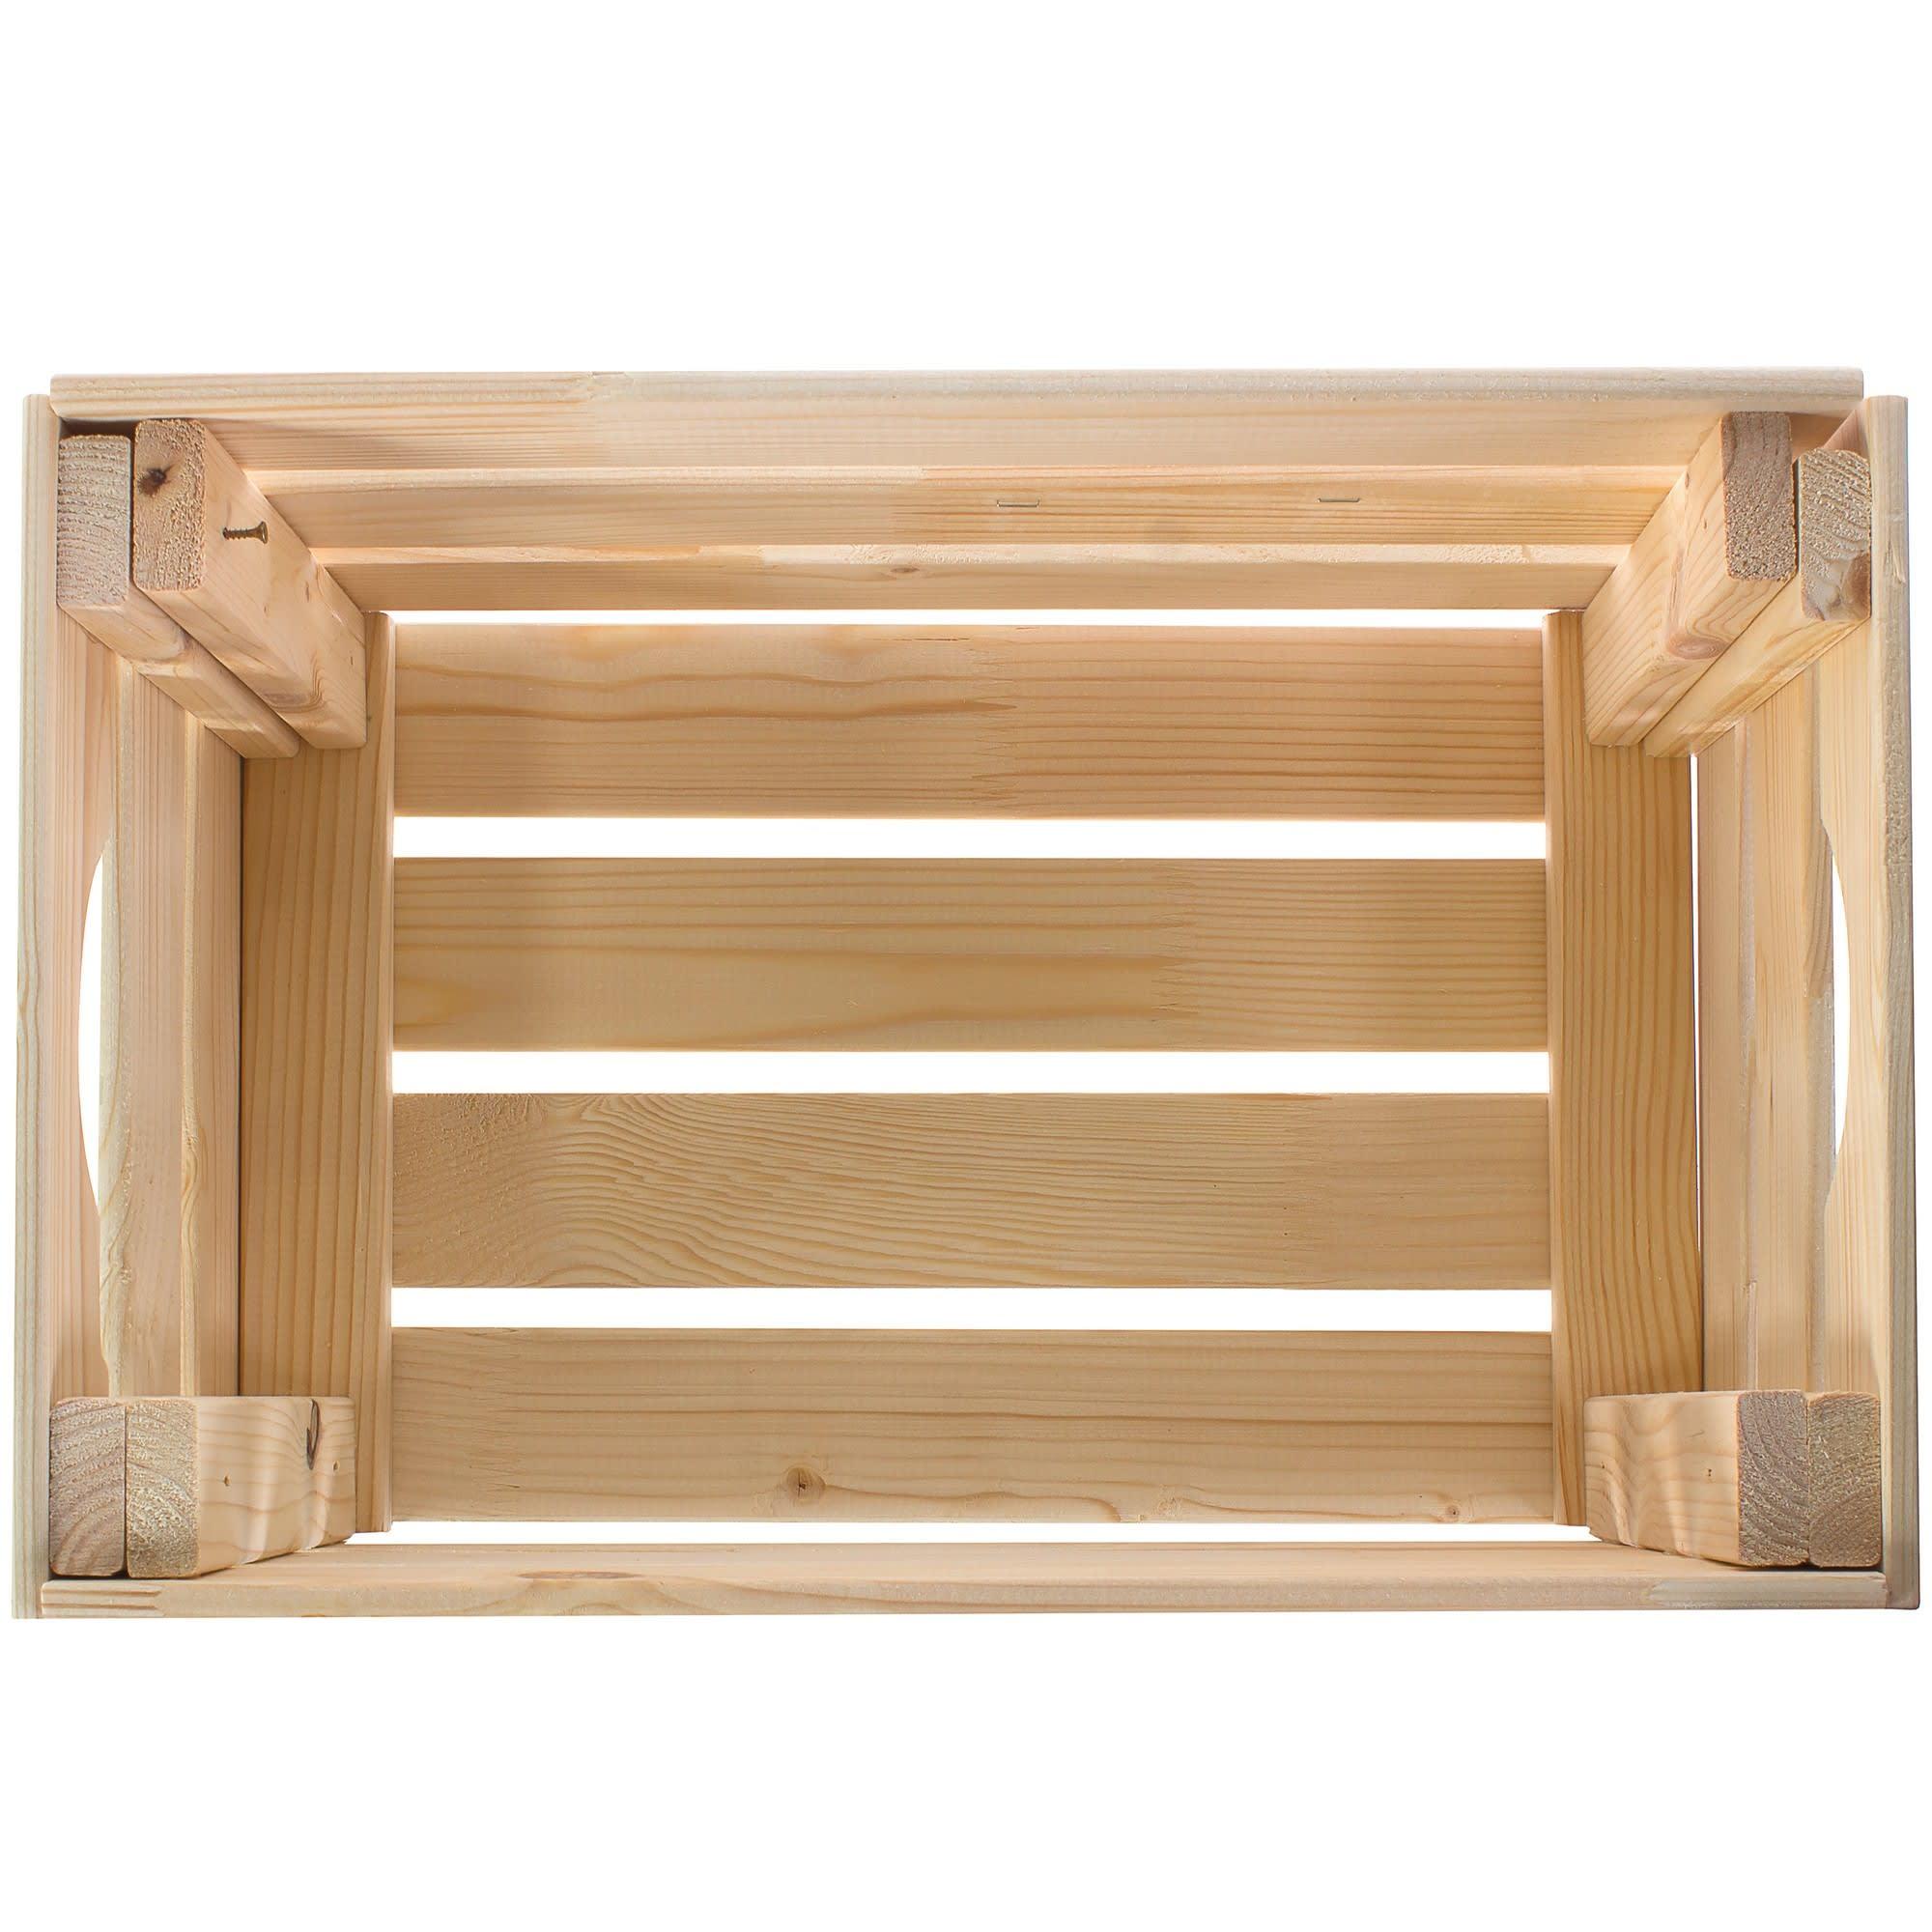 b6f3d7a8a0c7a Ящик деревянный 45.8x30x24.1 см в Москве – купить по низкой цене в ...